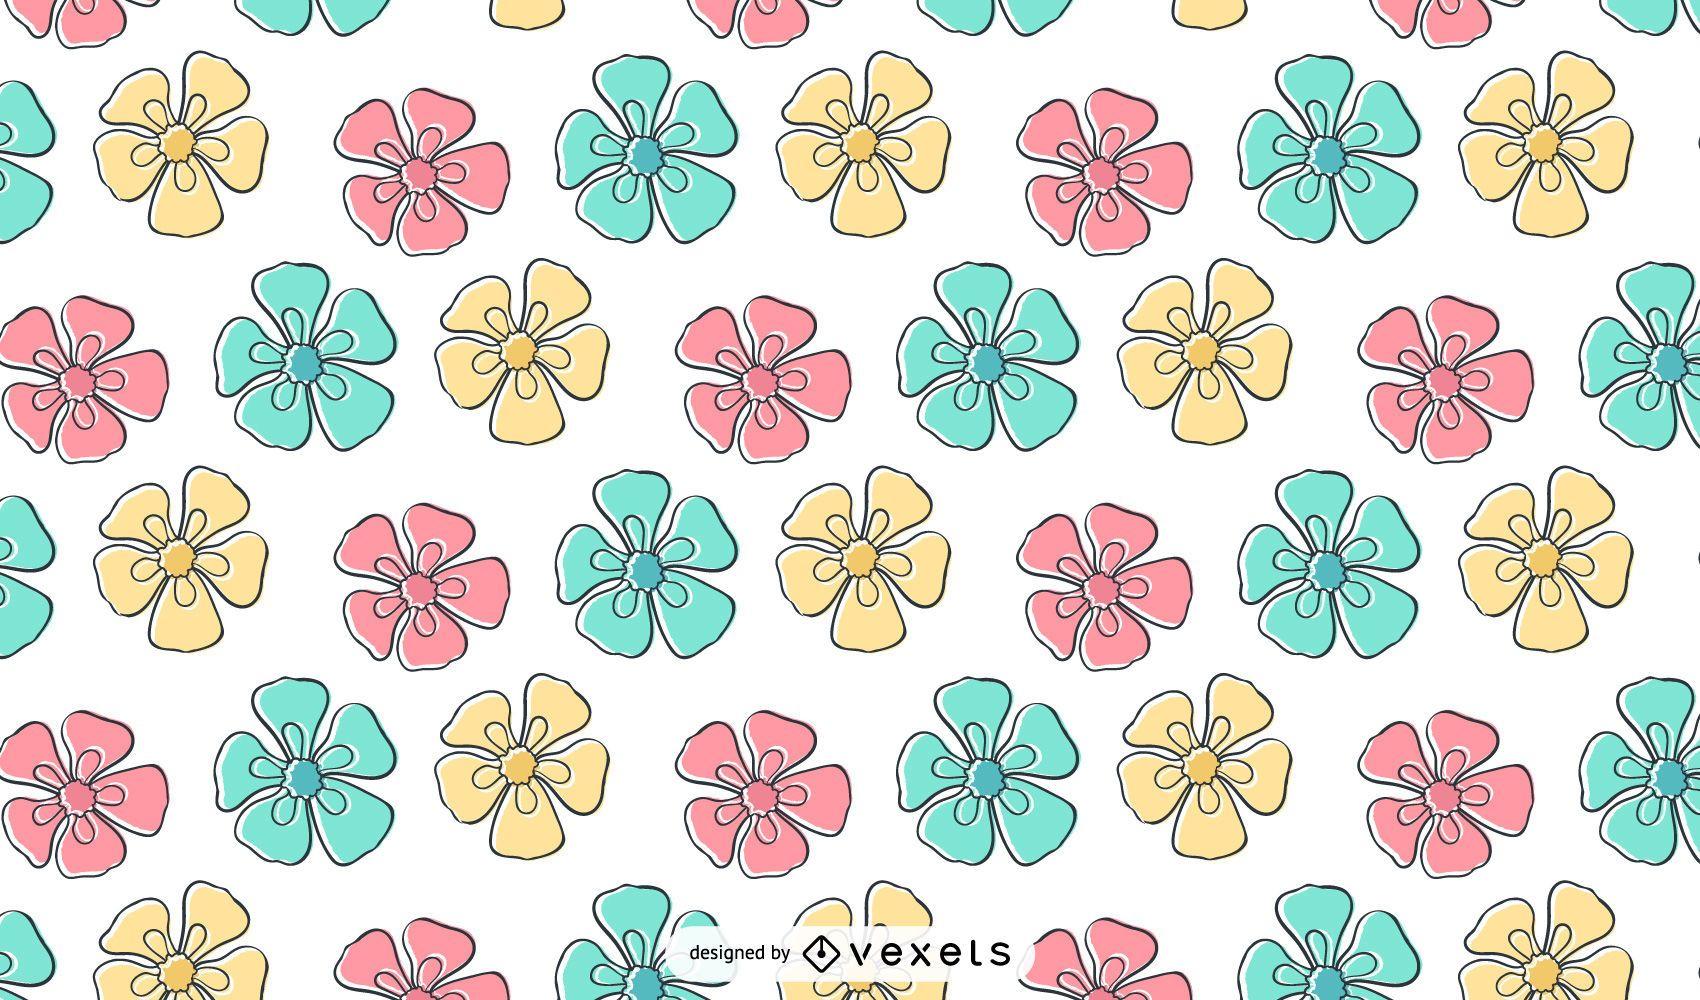 Papel de parede de padrão de flor de giz de cera infantil